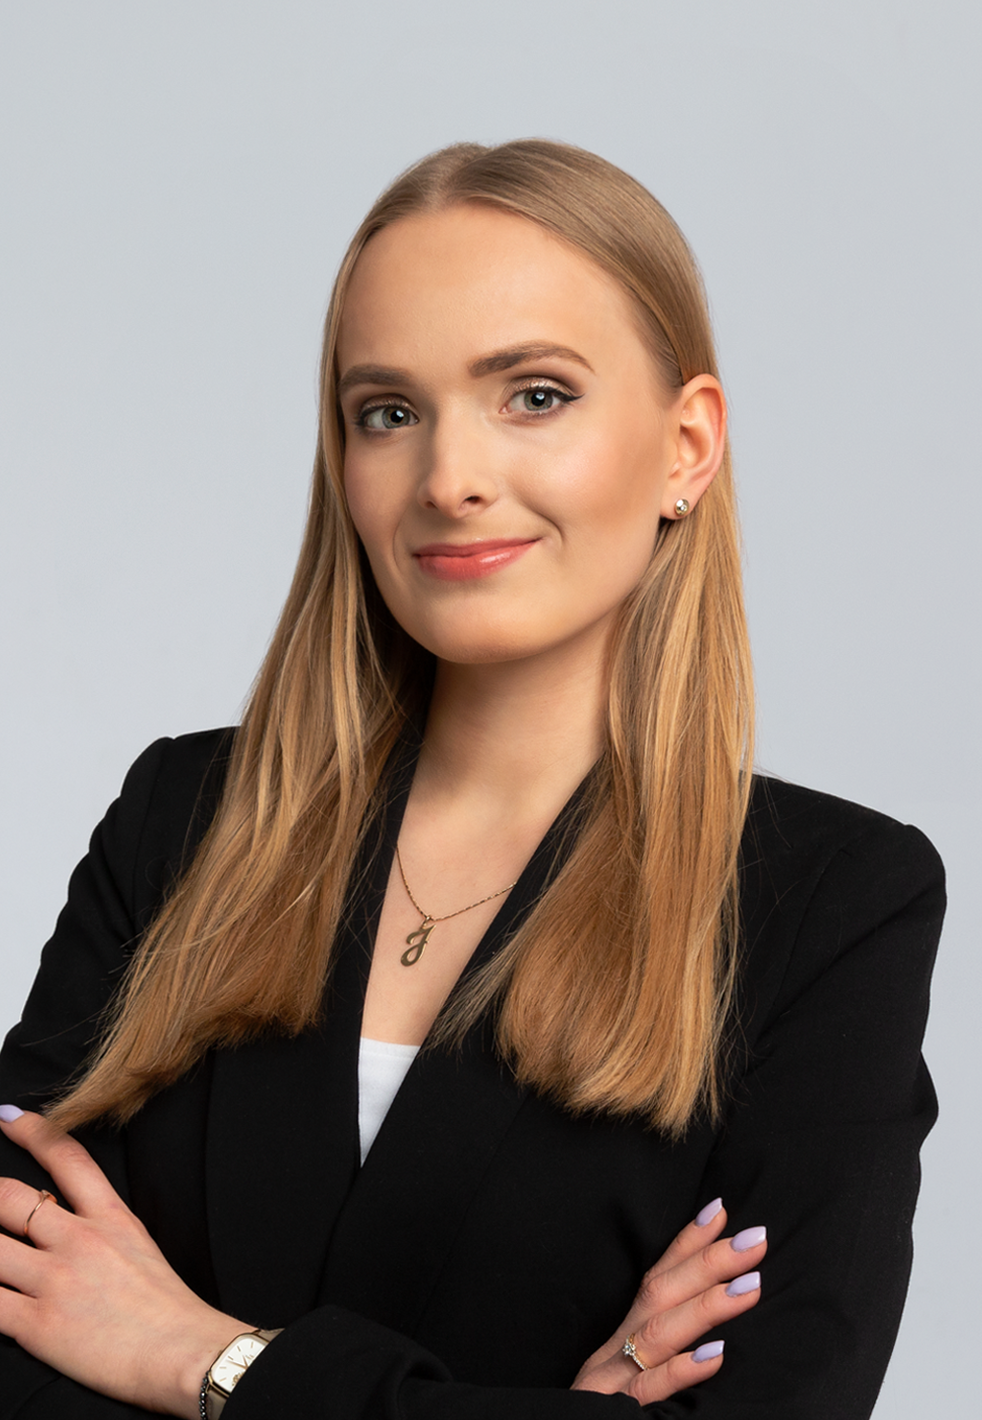 Julia Fotyniuk